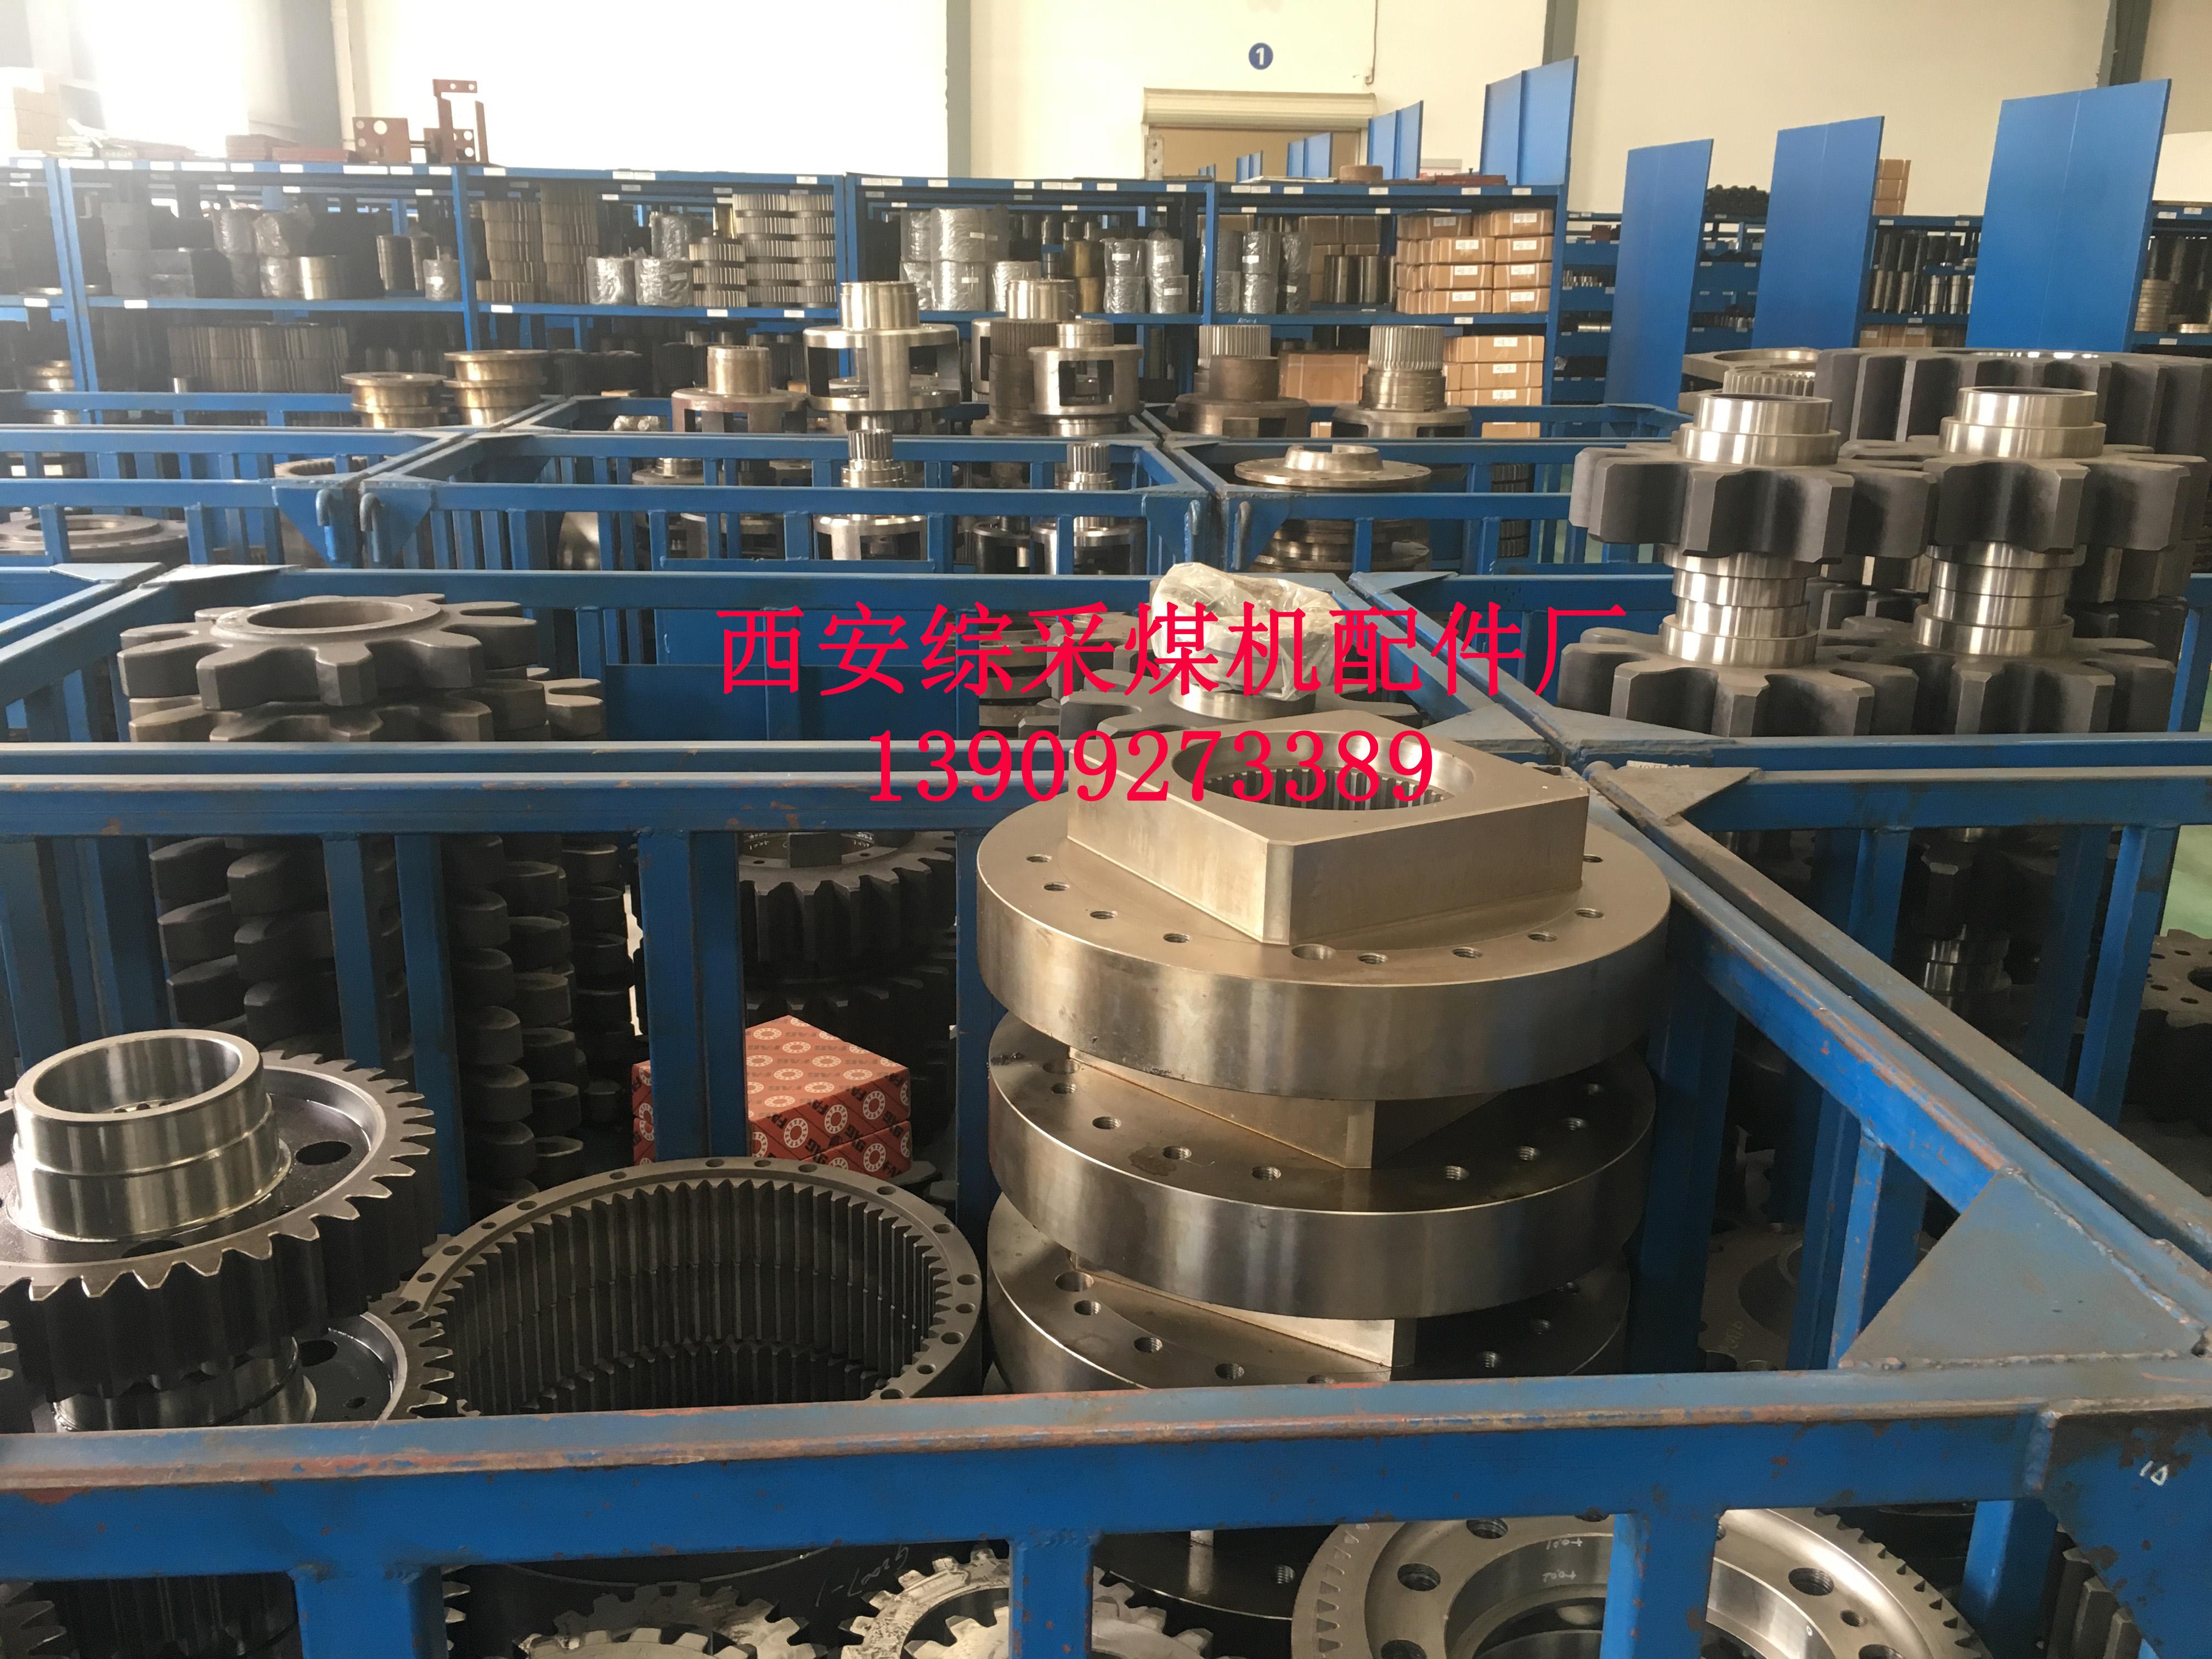 生产西安采煤机配件 生产西安煤机配件 生产西煤机配件